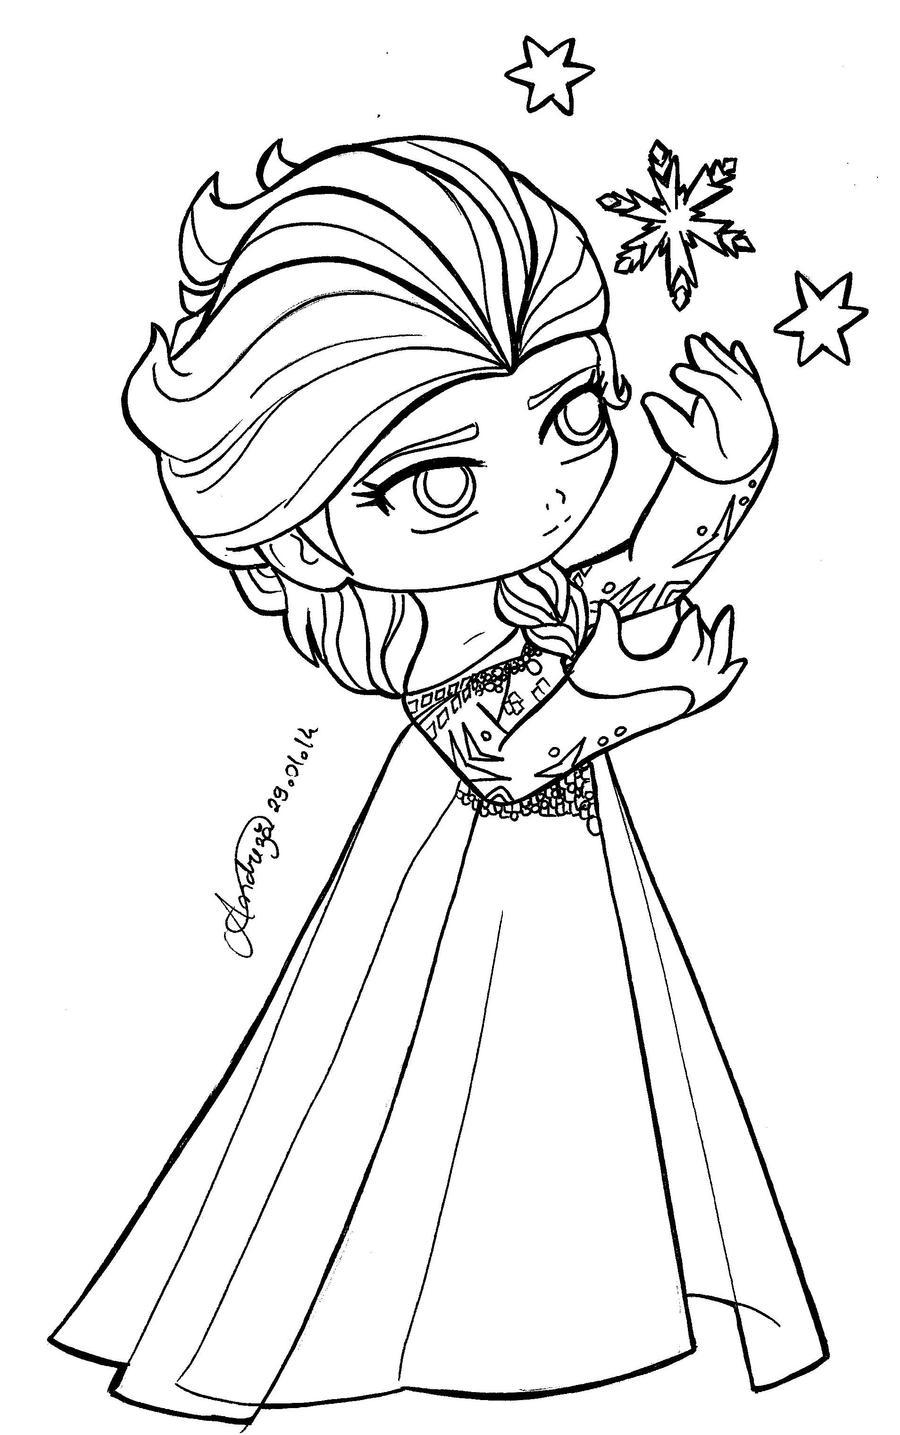 Chibi Queen Elsa - Frozen by TifaYuy on DeviantArt